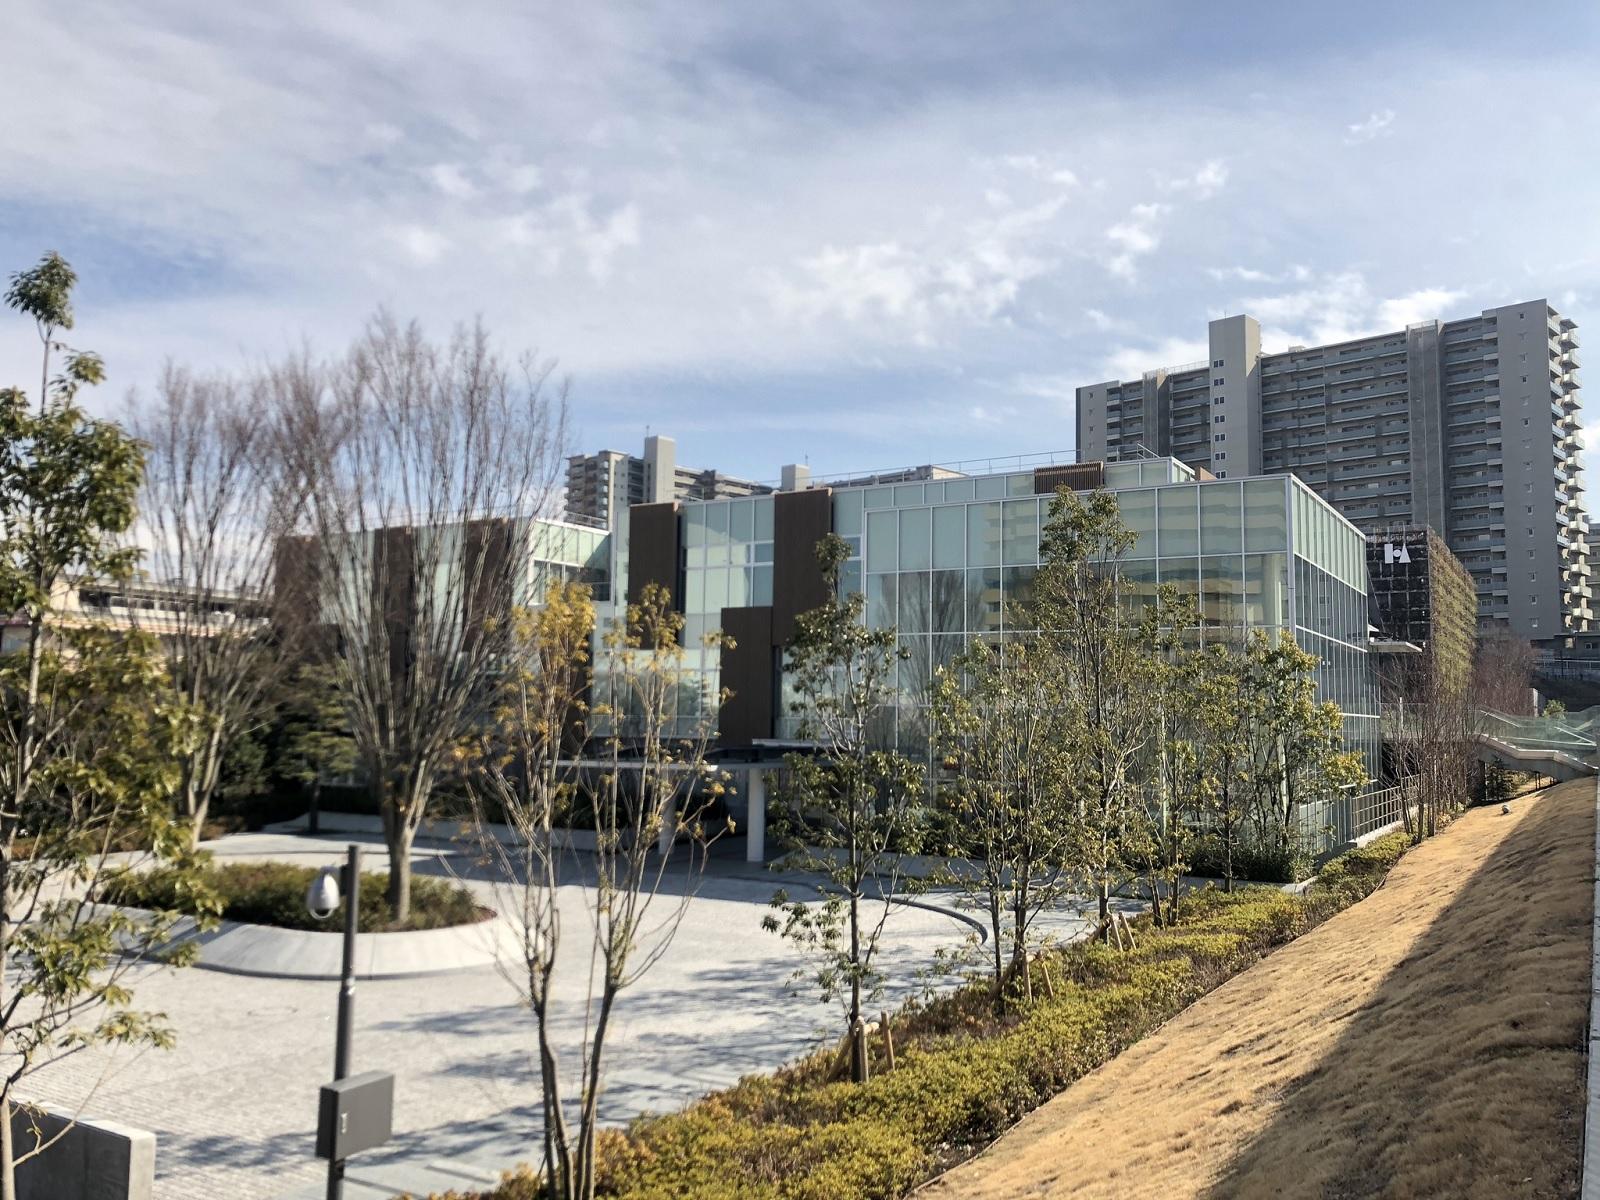 スムログ社会科見学【長谷工マンションミュージアム】に行ってみた